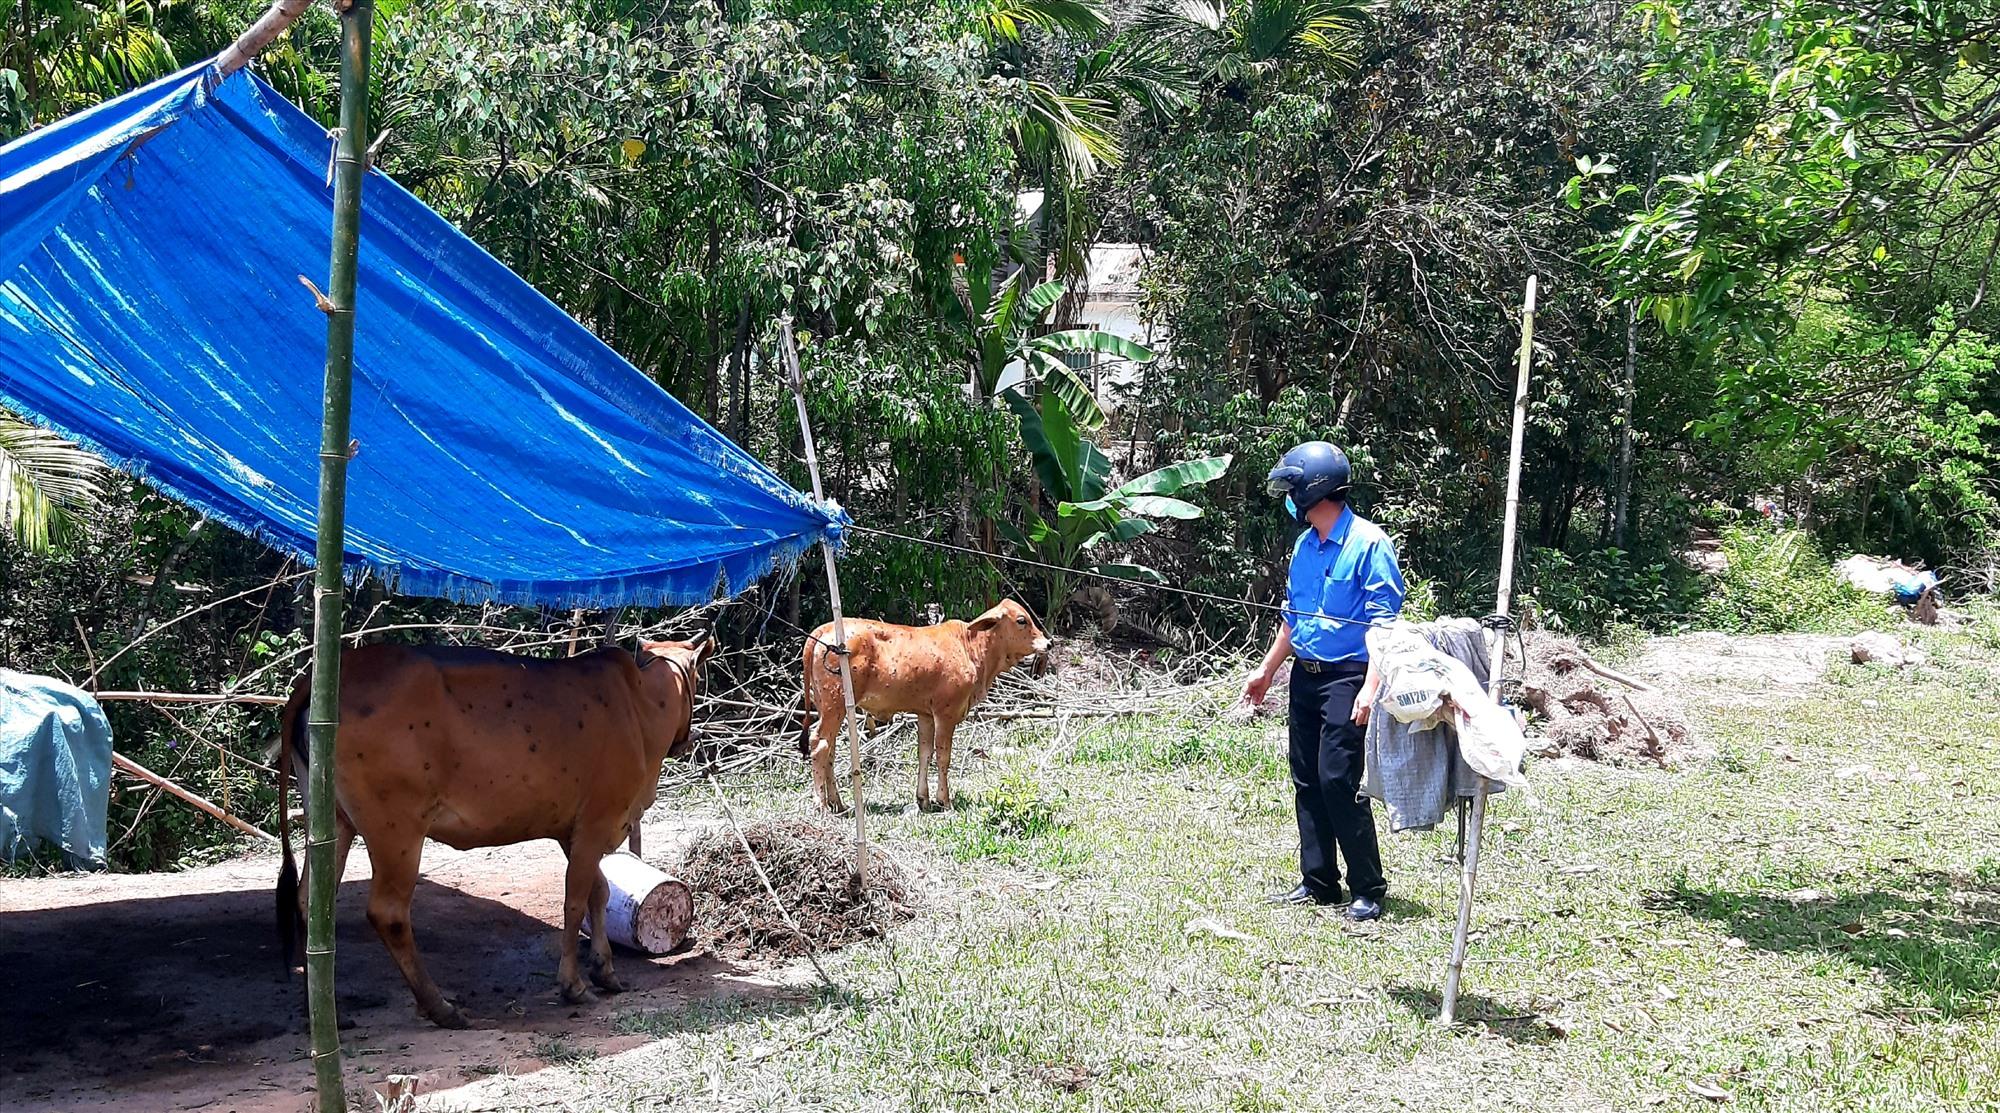 Cán bộ Trung tâm Kỹ thuật nông nghiệp huyện Nông Sơn kiểm tra những con bò bị nhiễm bệnh viêm da nổi cục ở xã Quế Trung. Ảnh: VĂN SỰ